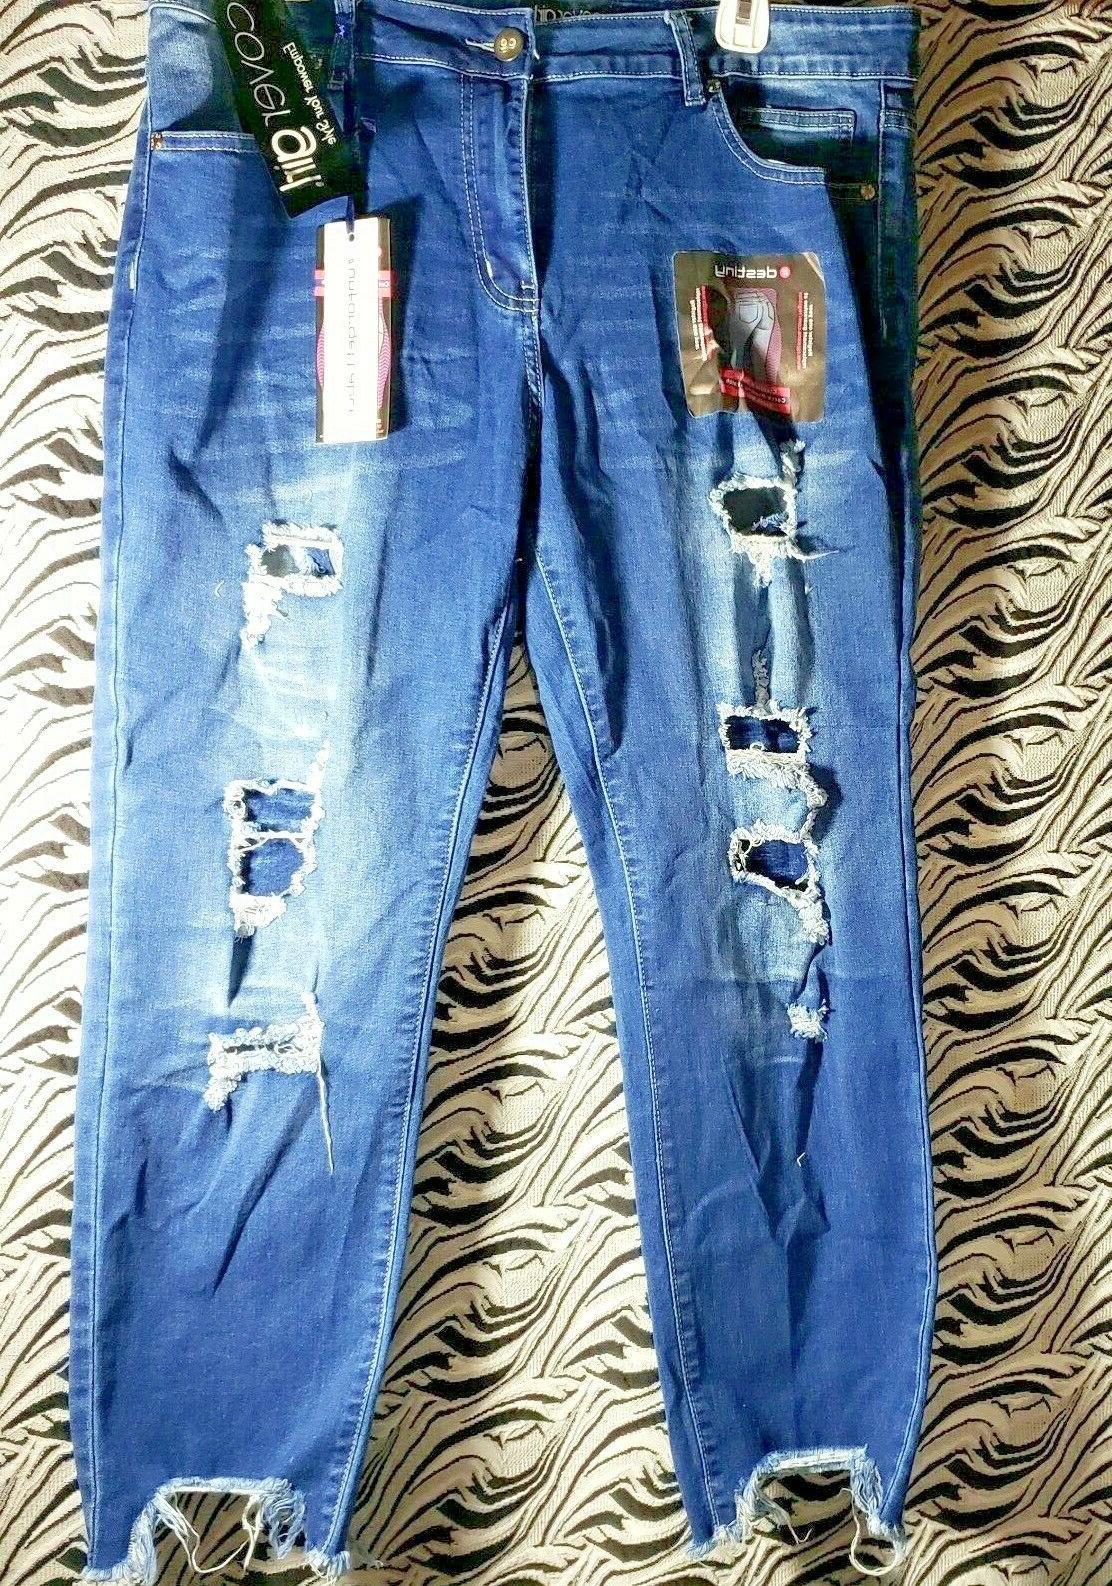 CG Jeans Patched Blue Plus Medium Wash Denim